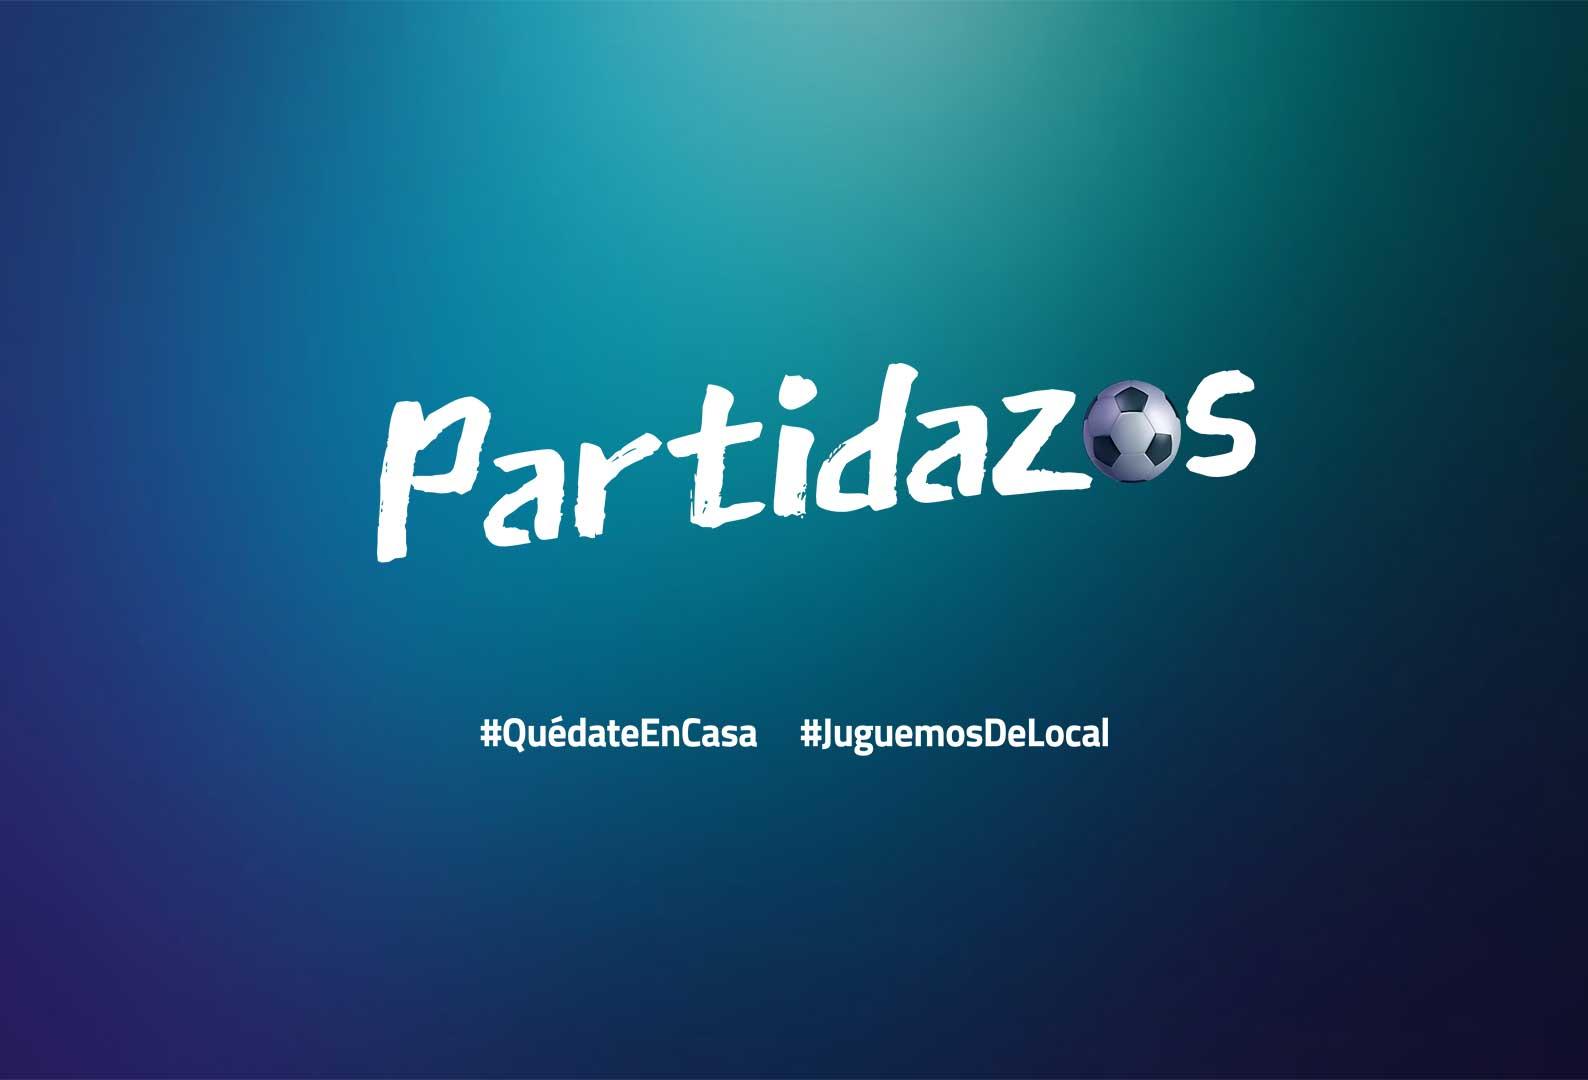 Emelec vs Barcelona (2019) es el partidazo de esta noche por GolTV